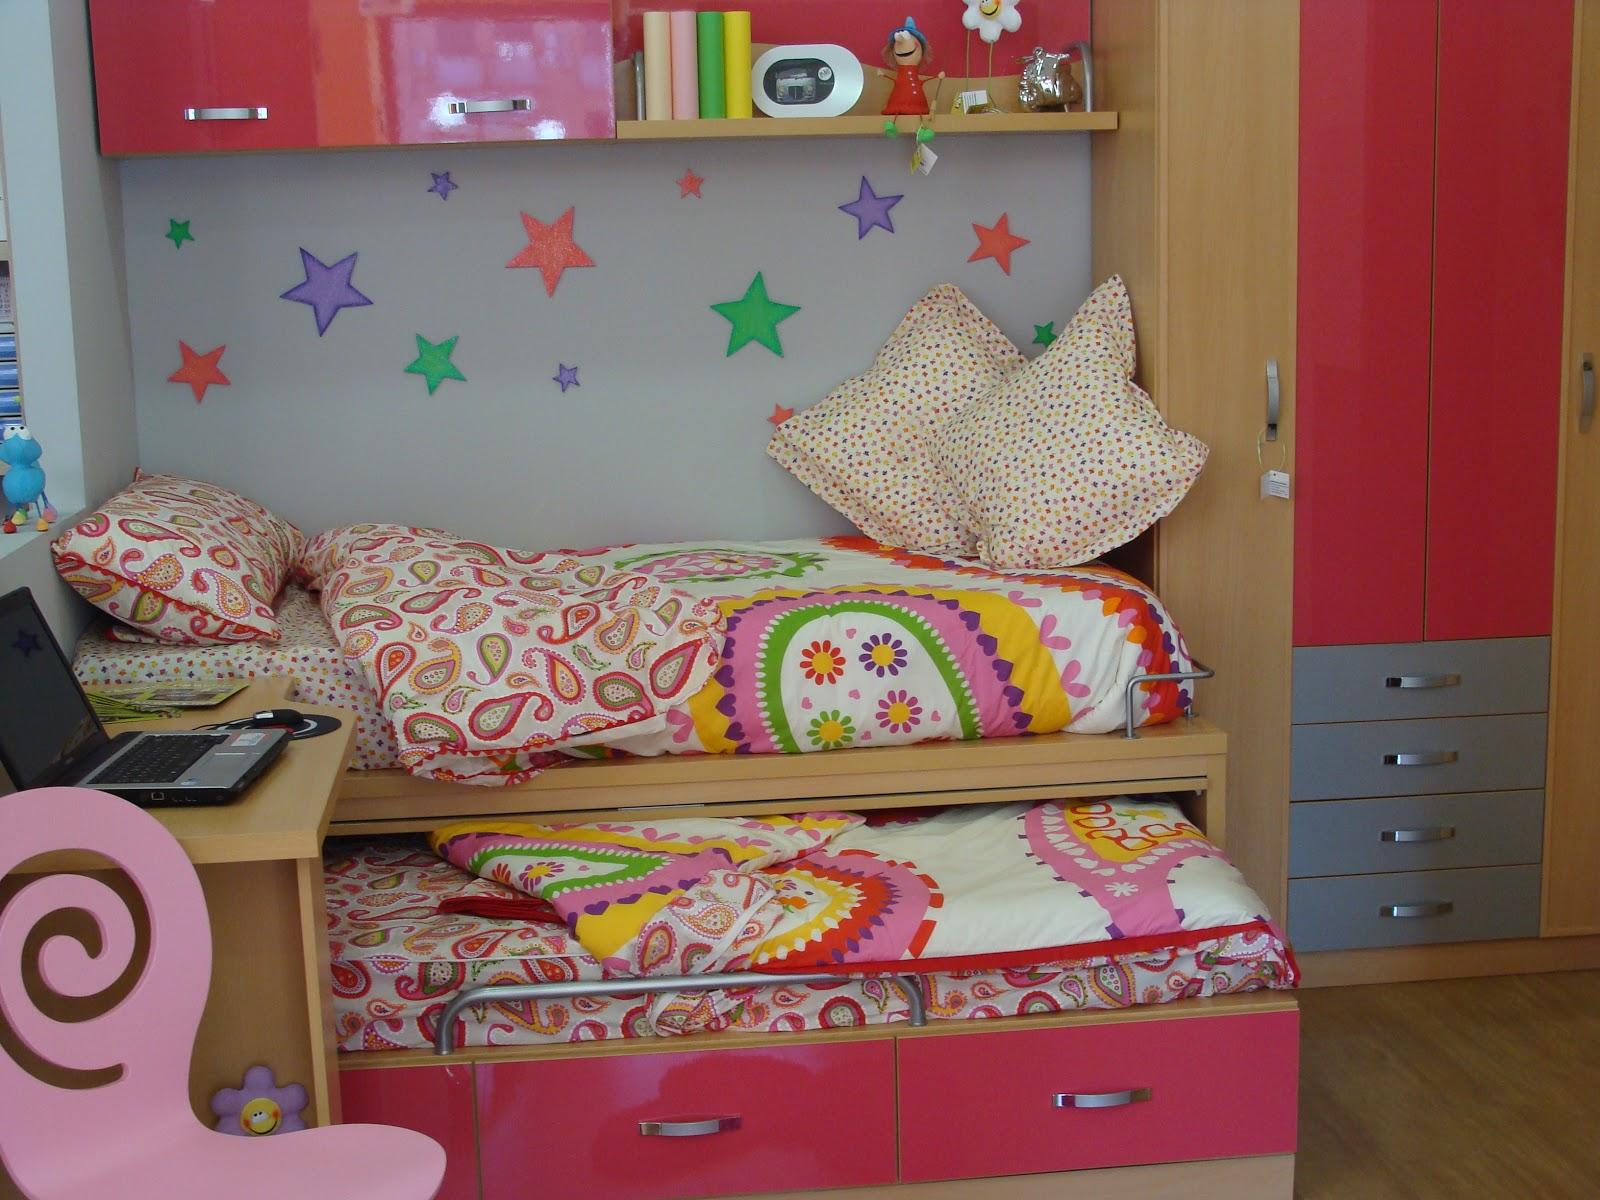 Muebles juveniles dormitorios infantiles y habitaciones for Muebles habitacion infantil nina